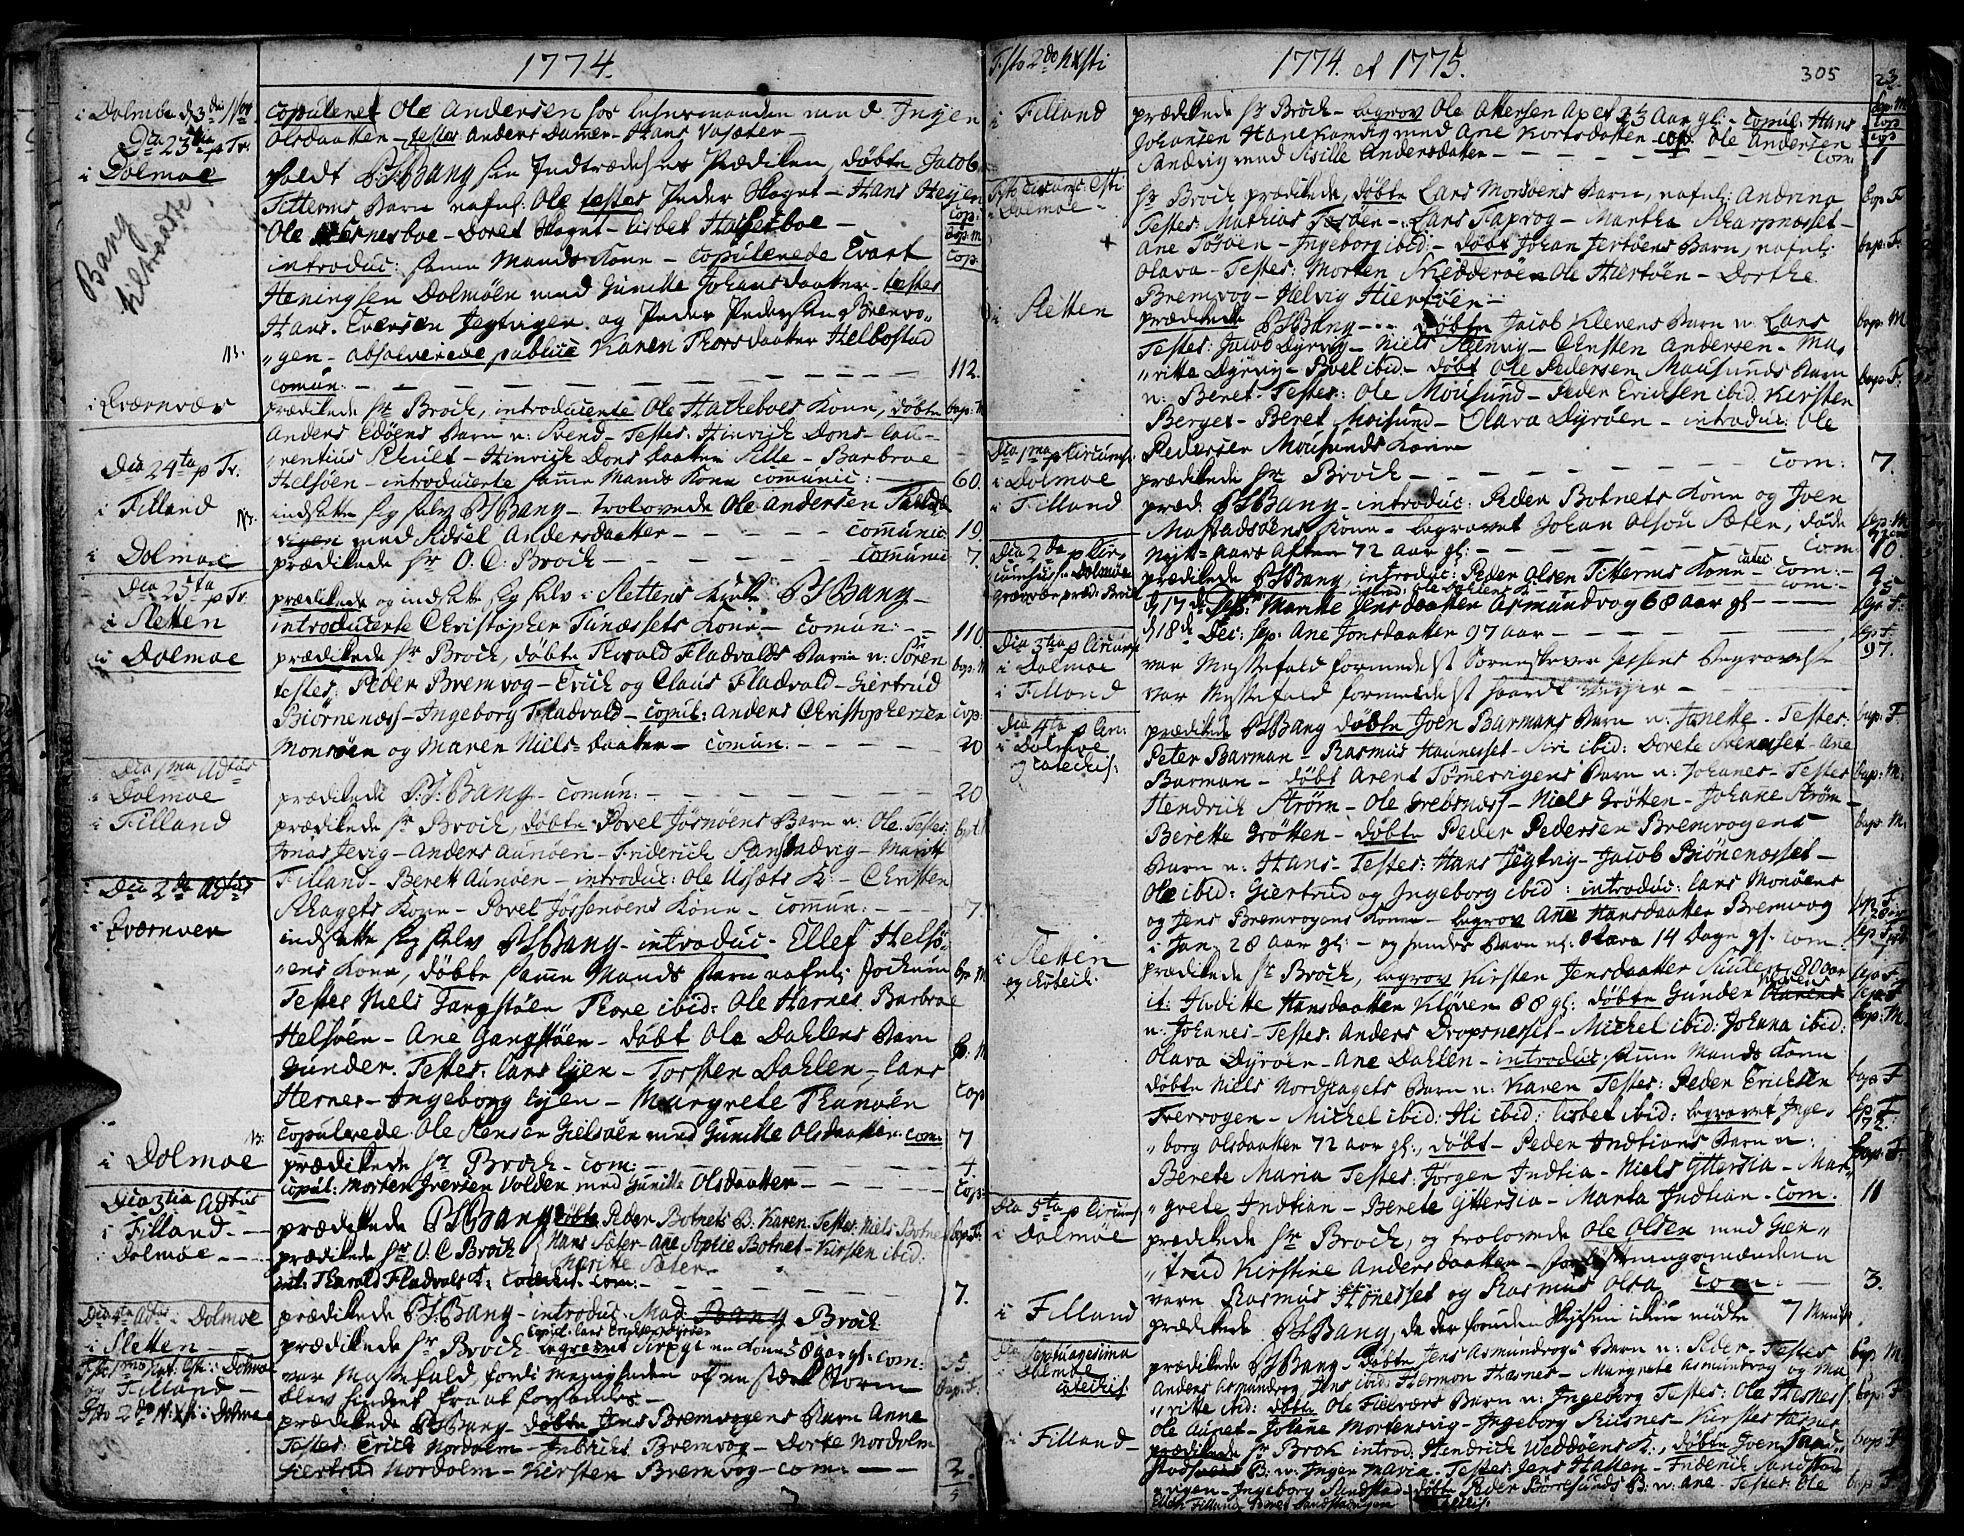 SAT, Ministerialprotokoller, klokkerbøker og fødselsregistre - Sør-Trøndelag, 634/L0525: Ministerialbok nr. 634A01, 1736-1775, s. 305